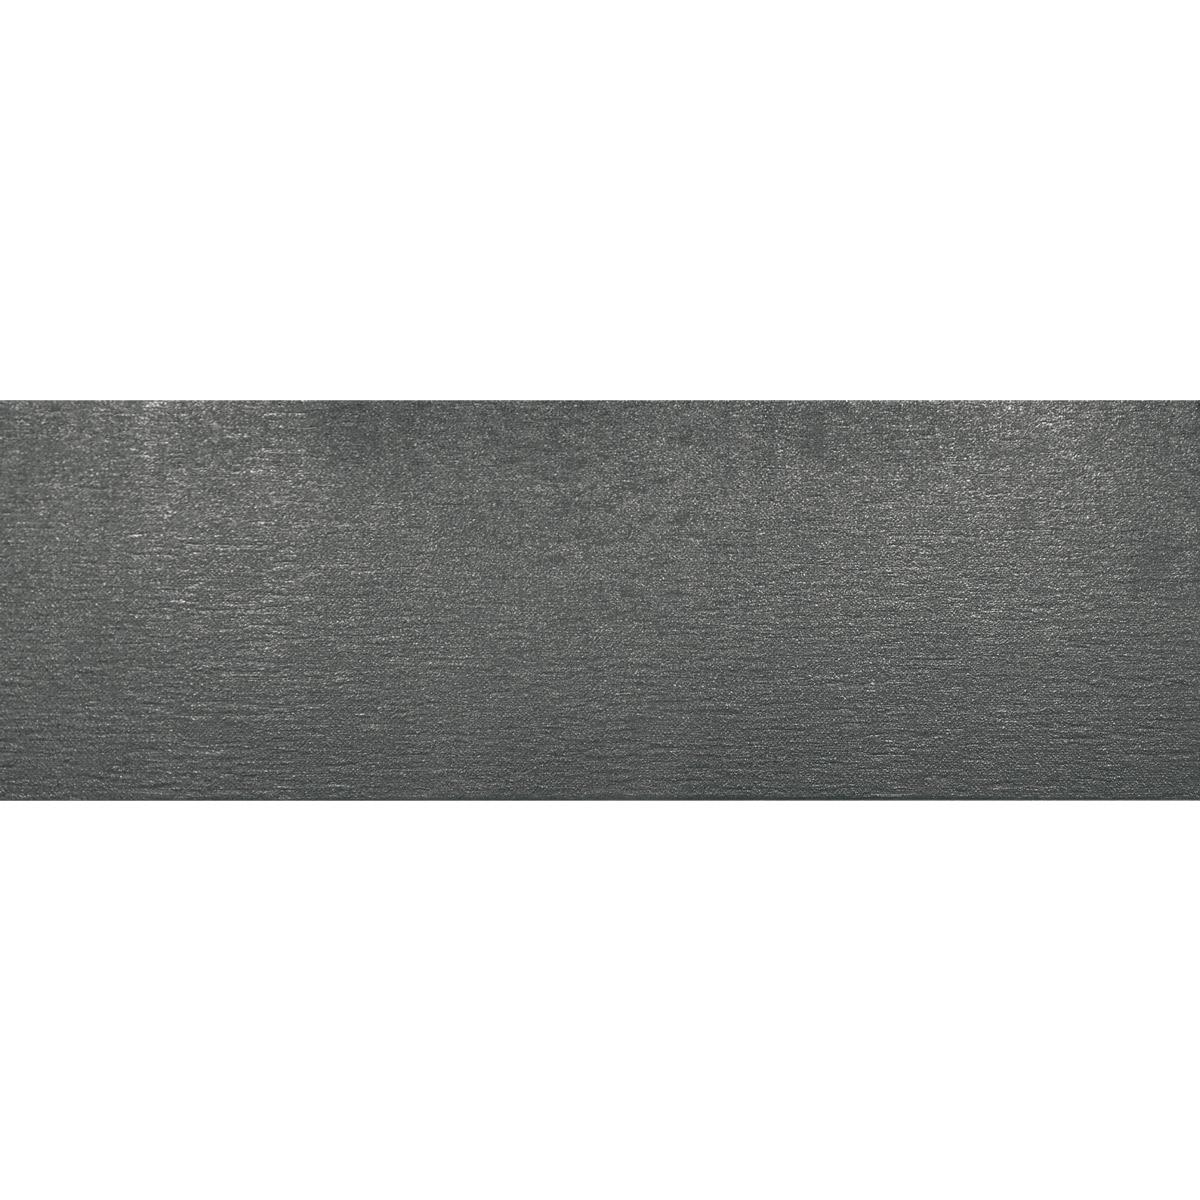 BENETTON R90 GRAPHITE W00058 P1